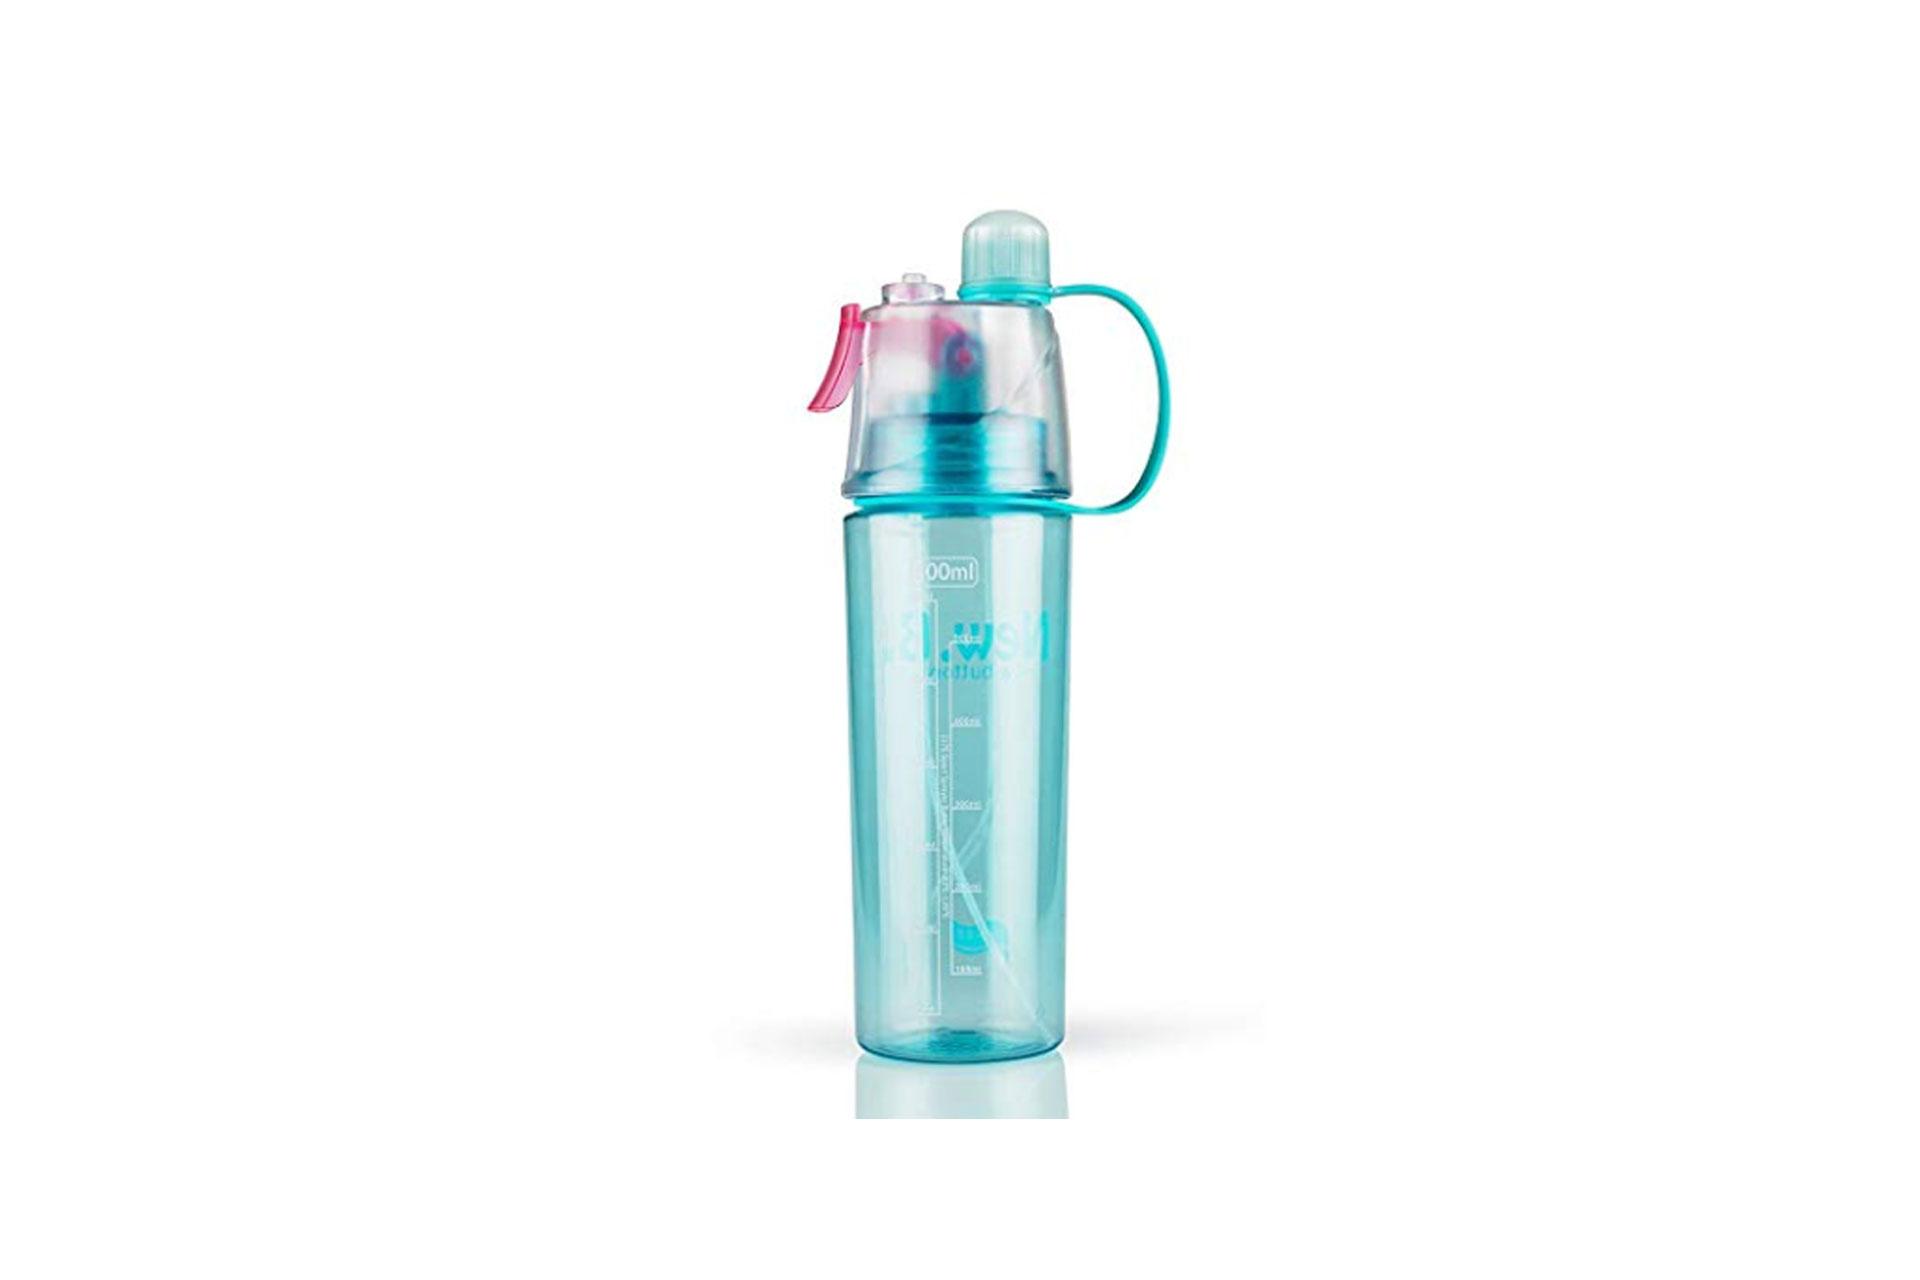 Misting Water Bottle; Courtesy of Amazon